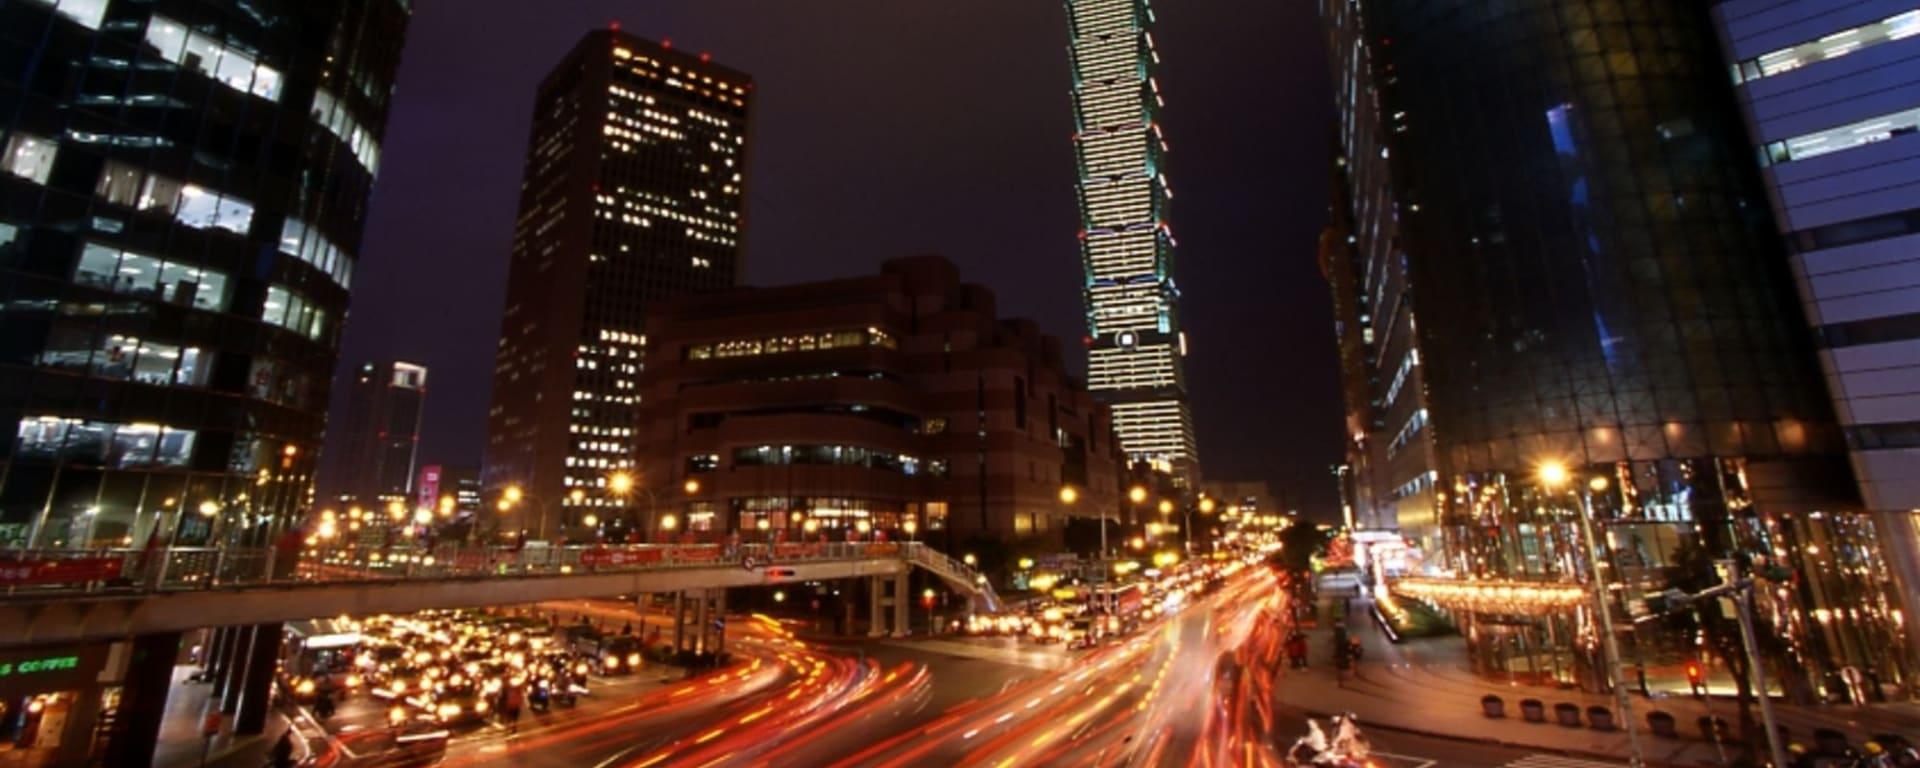 Taipei by night: Taipei 101 Building